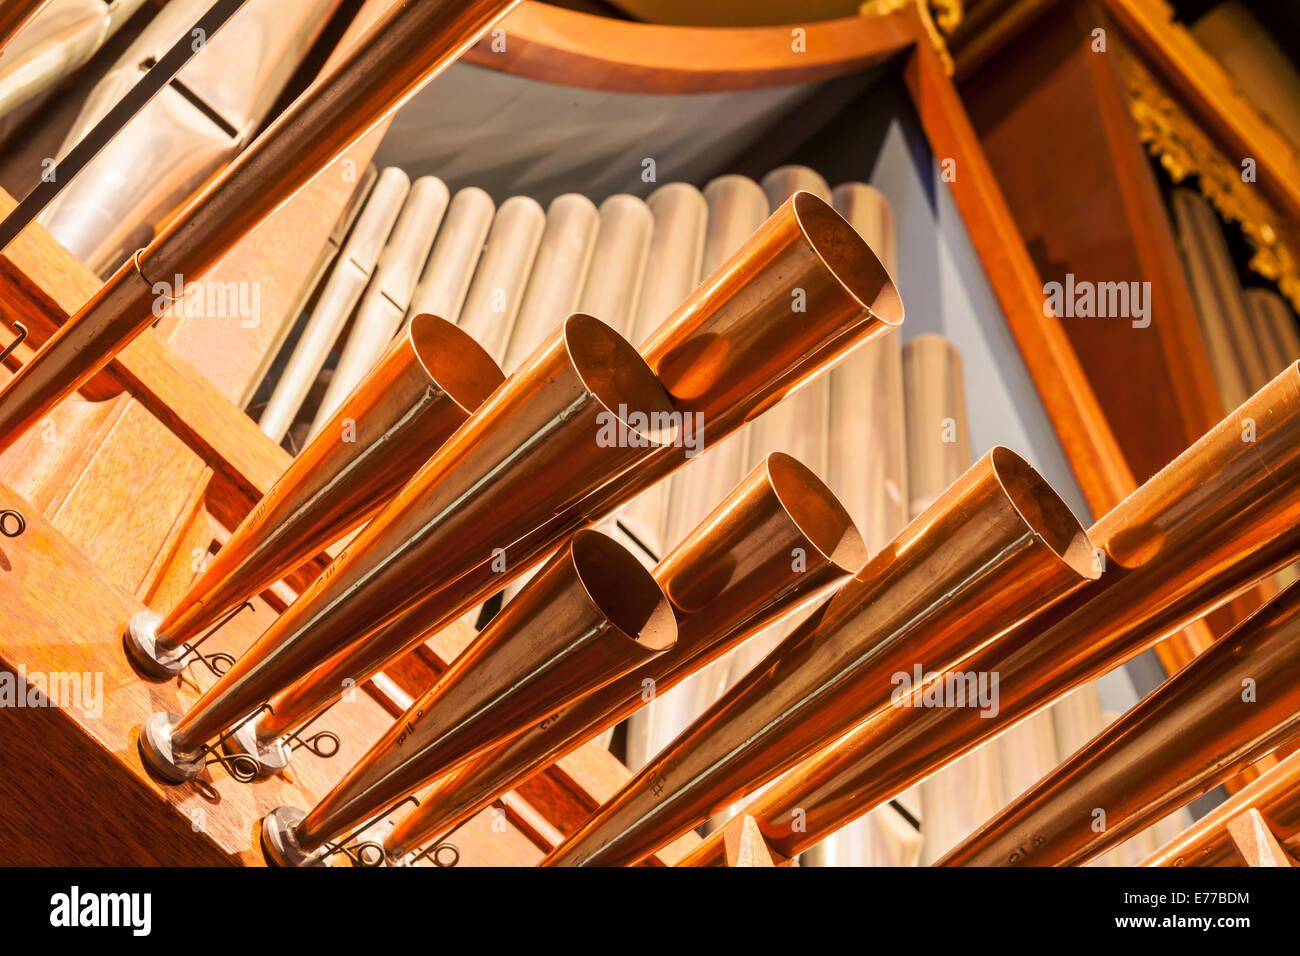 Un orgue dans une église. Photo Stock